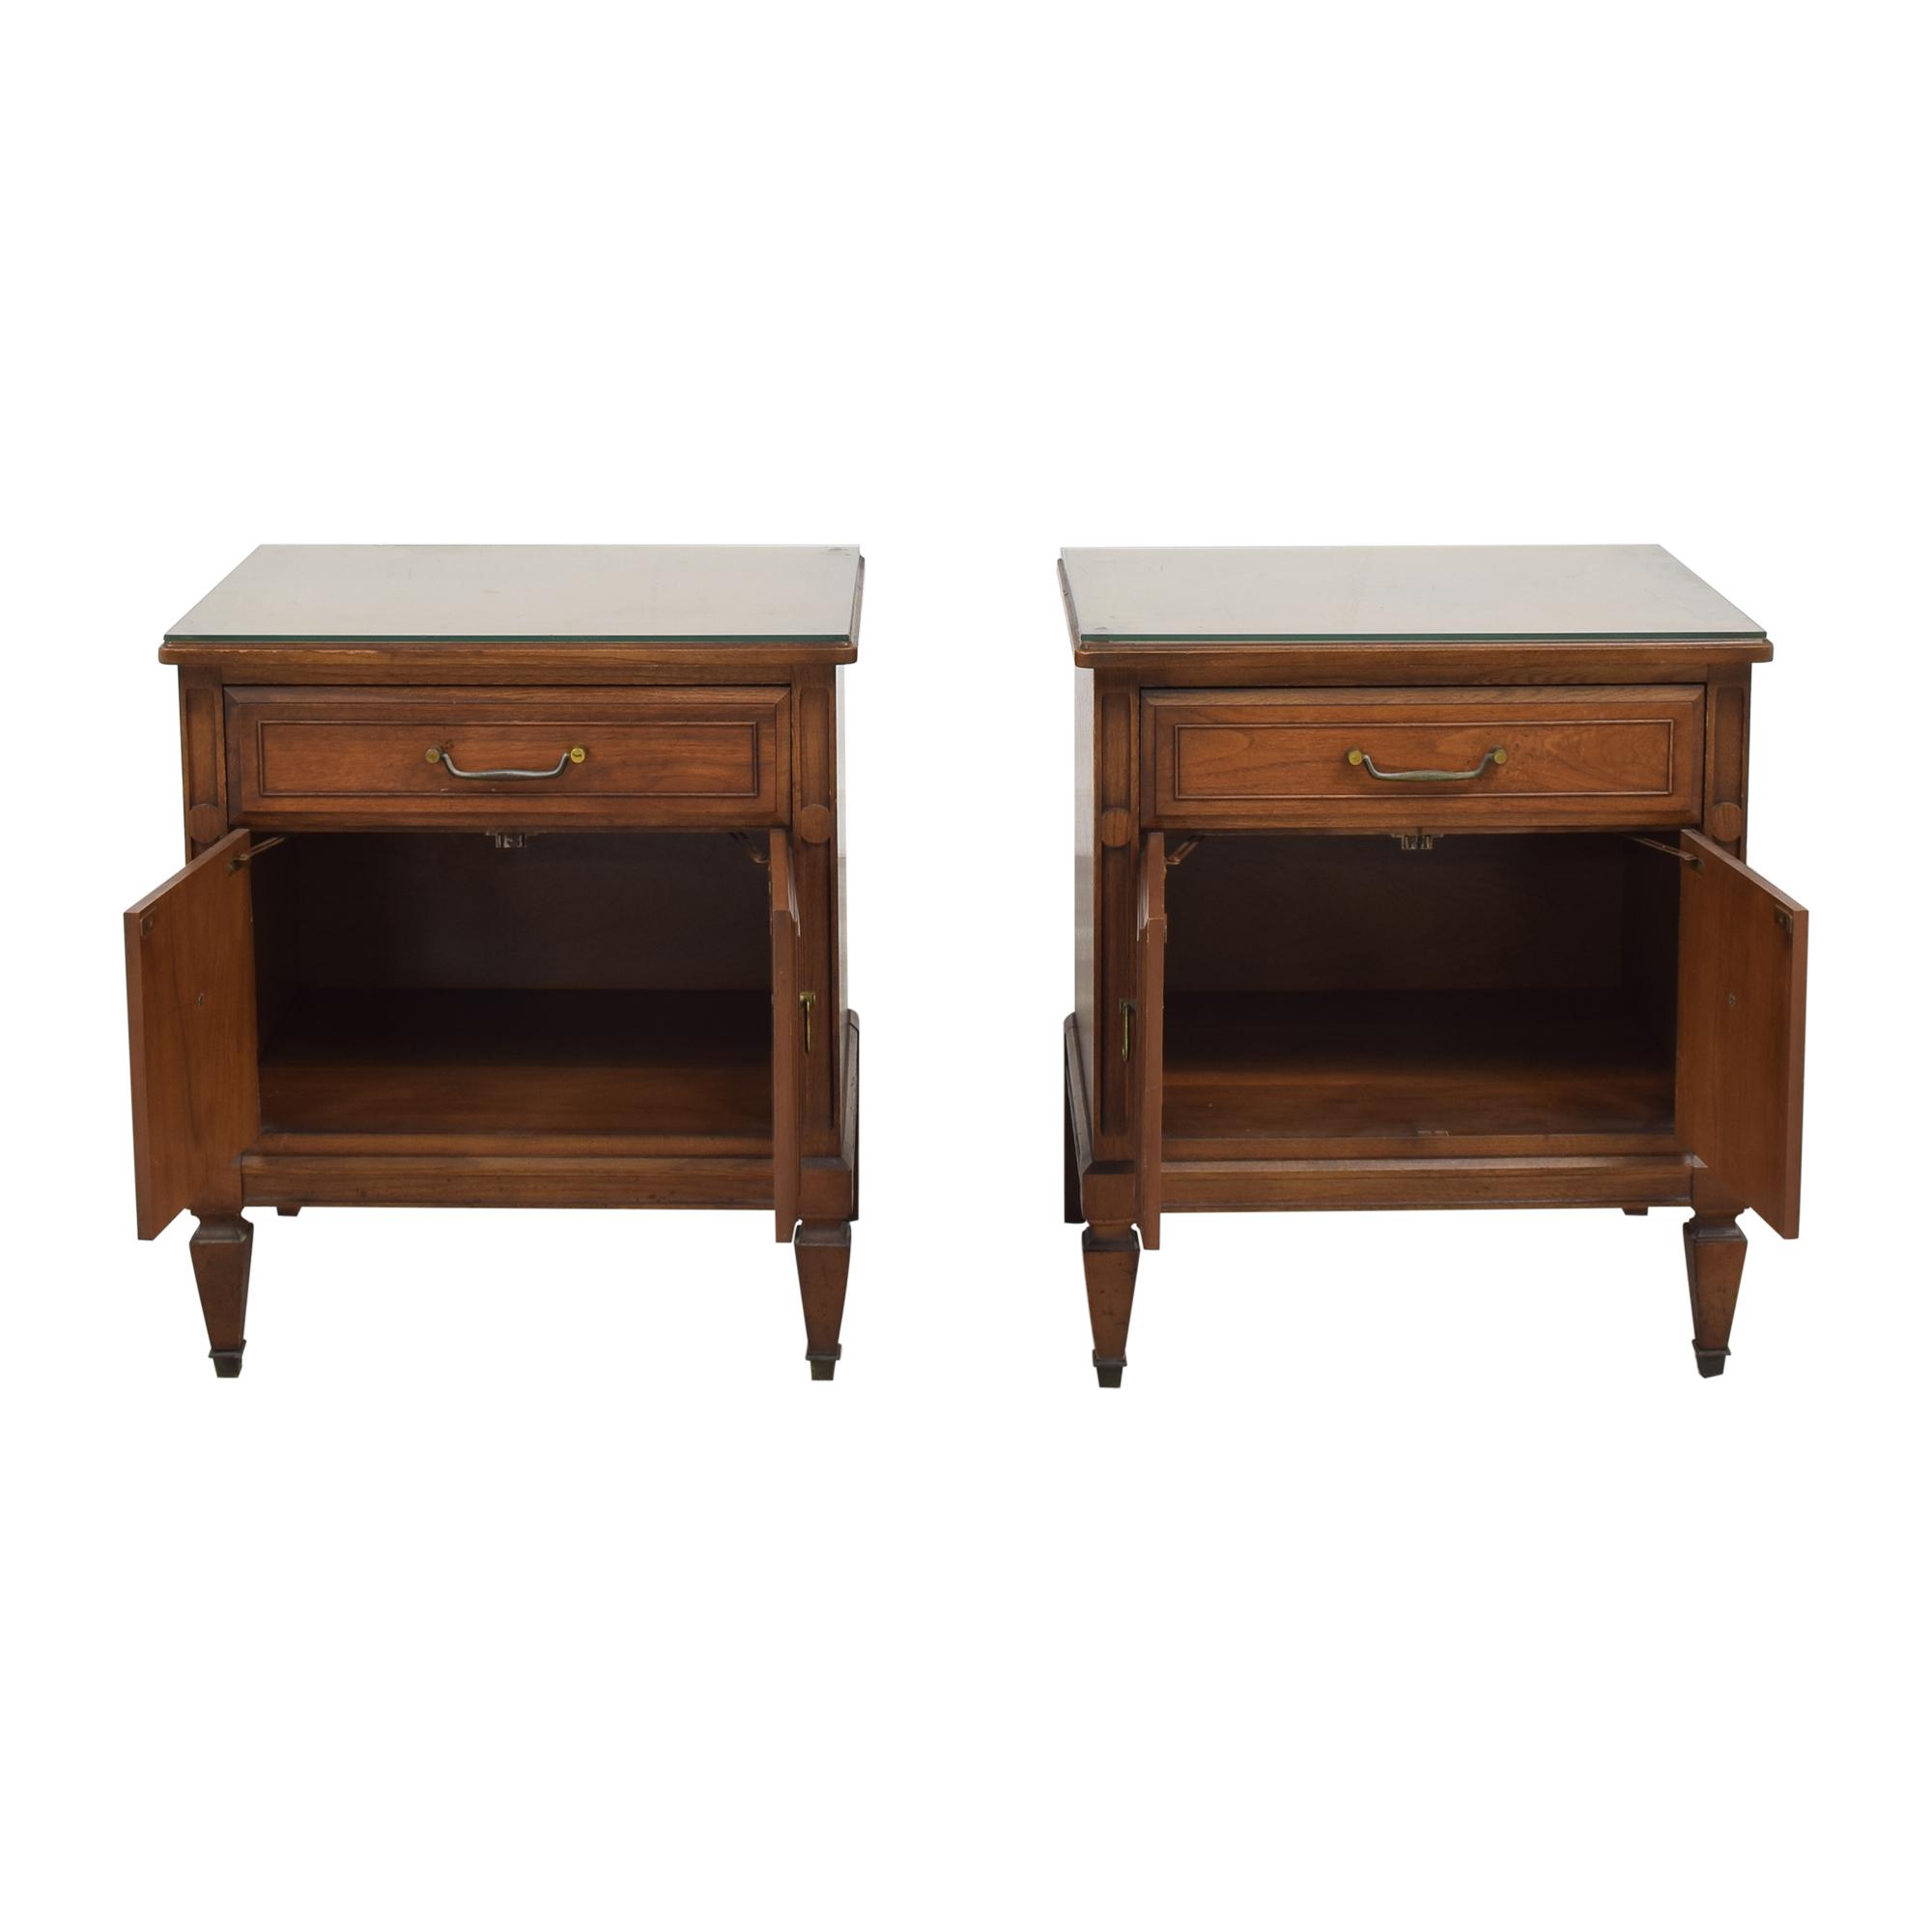 Huntley Vintage Single Drawer Nightstands / End Tables